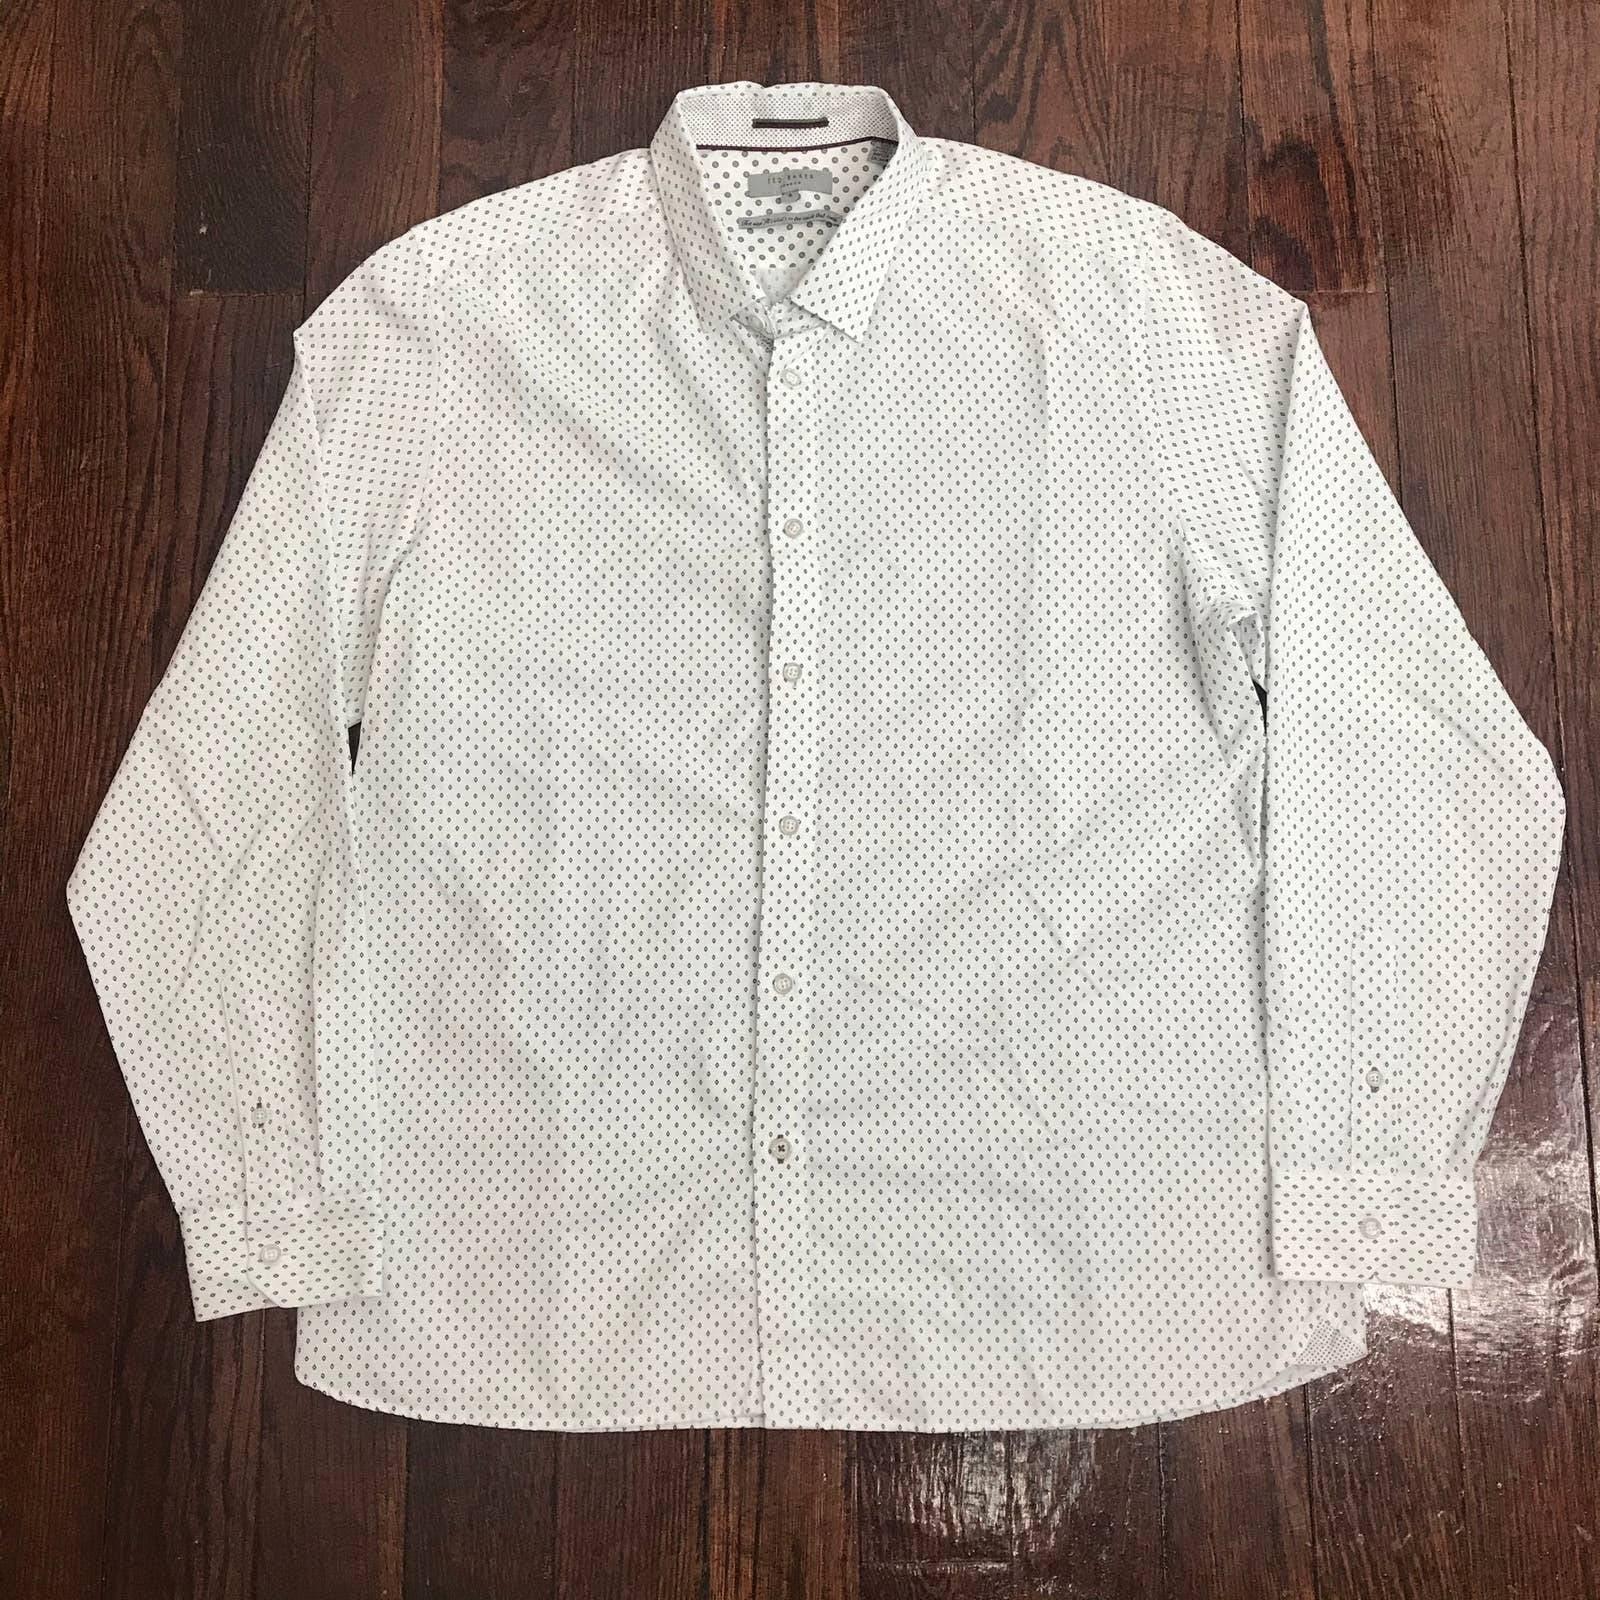 Ted Baker London Button Dress Shirt Sz 6